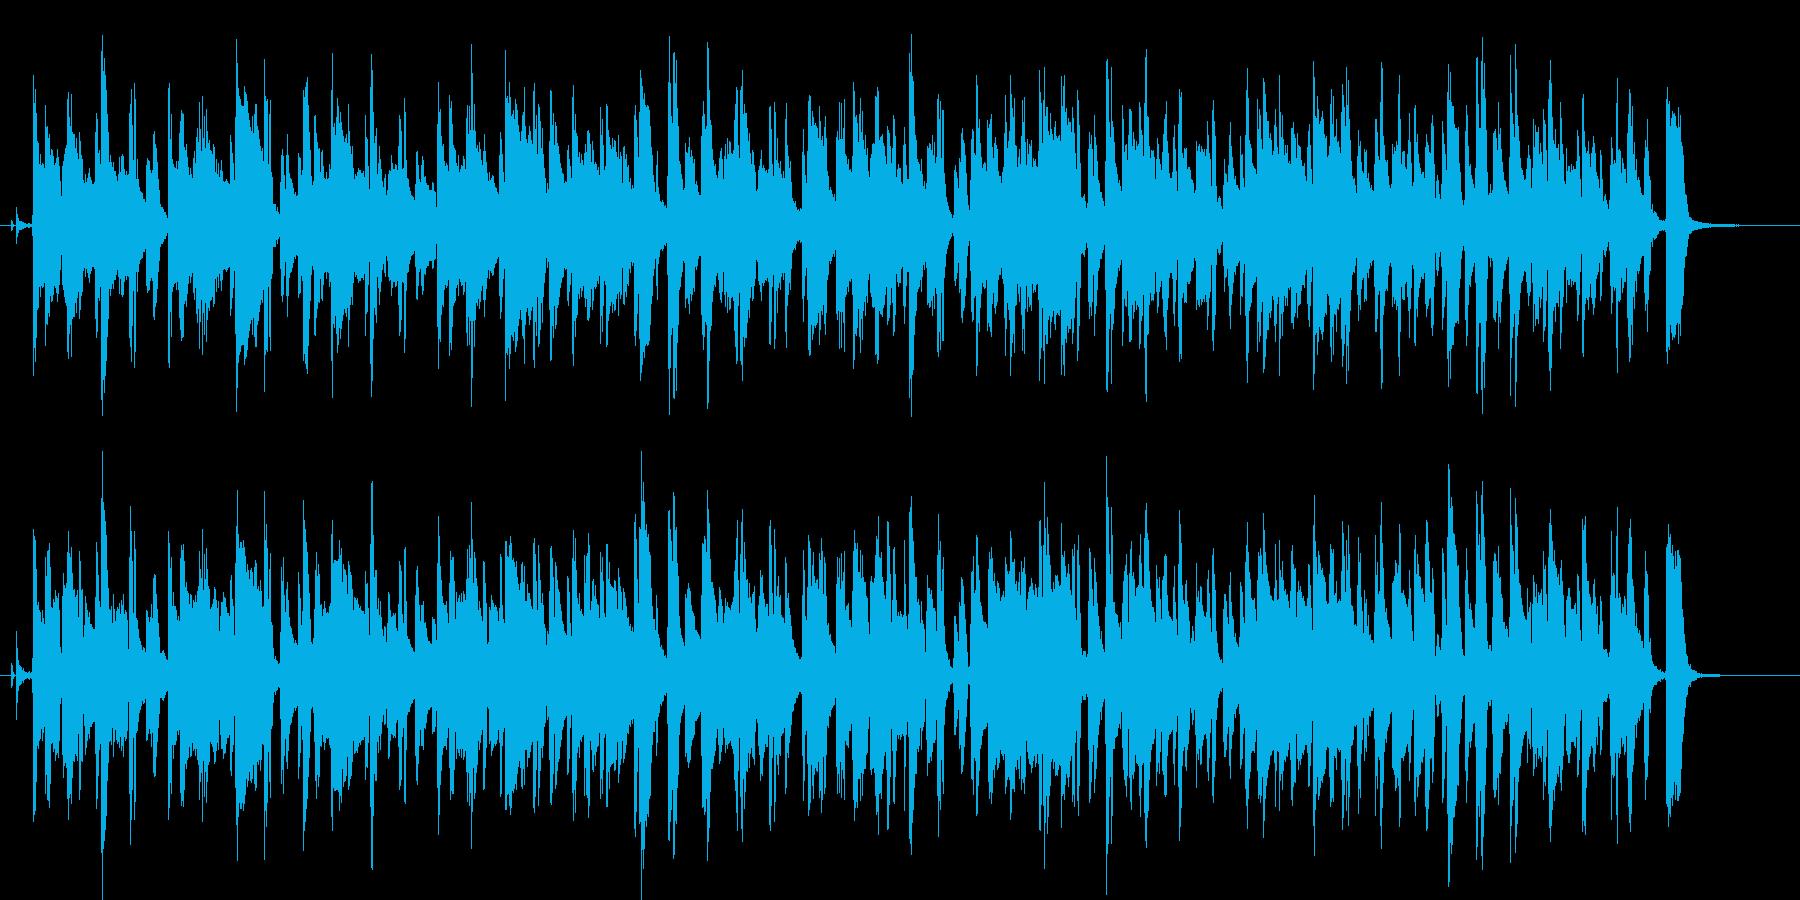 シンプルでほのぼのしたジャズブルースの再生済みの波形